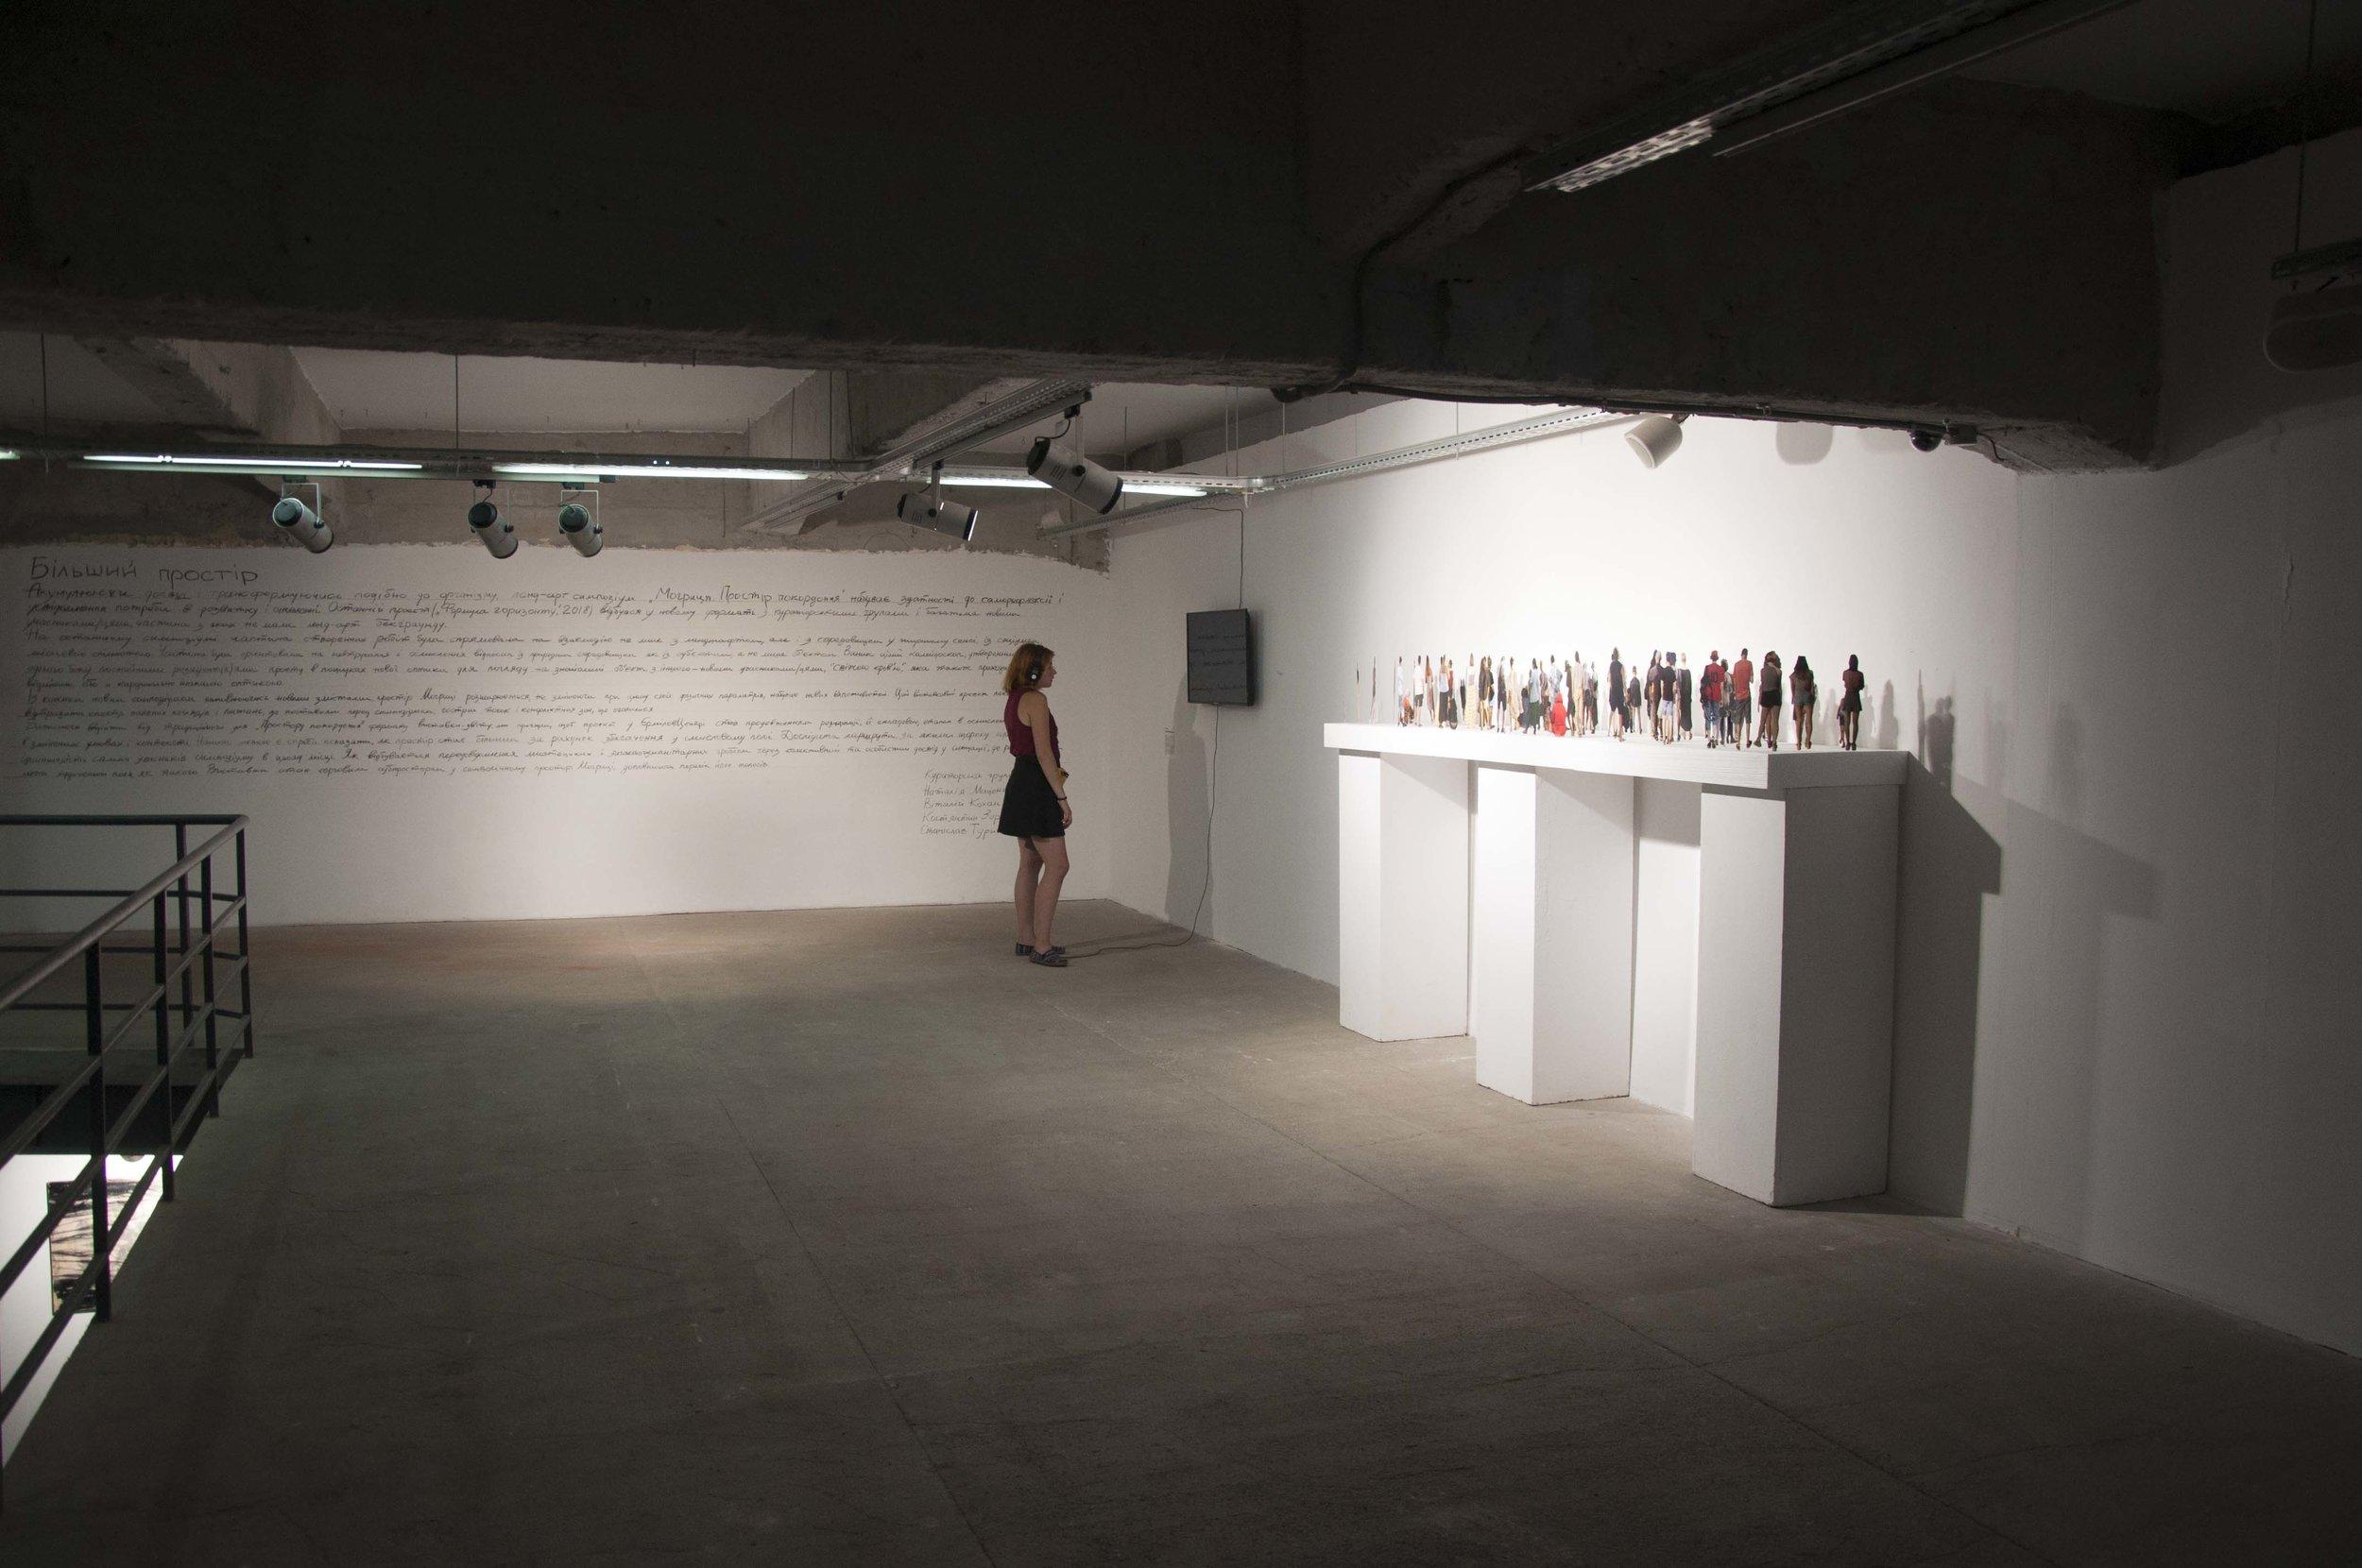 Фрагмент експозиції «Більший простір». Світлина: Ярослав Майстренко